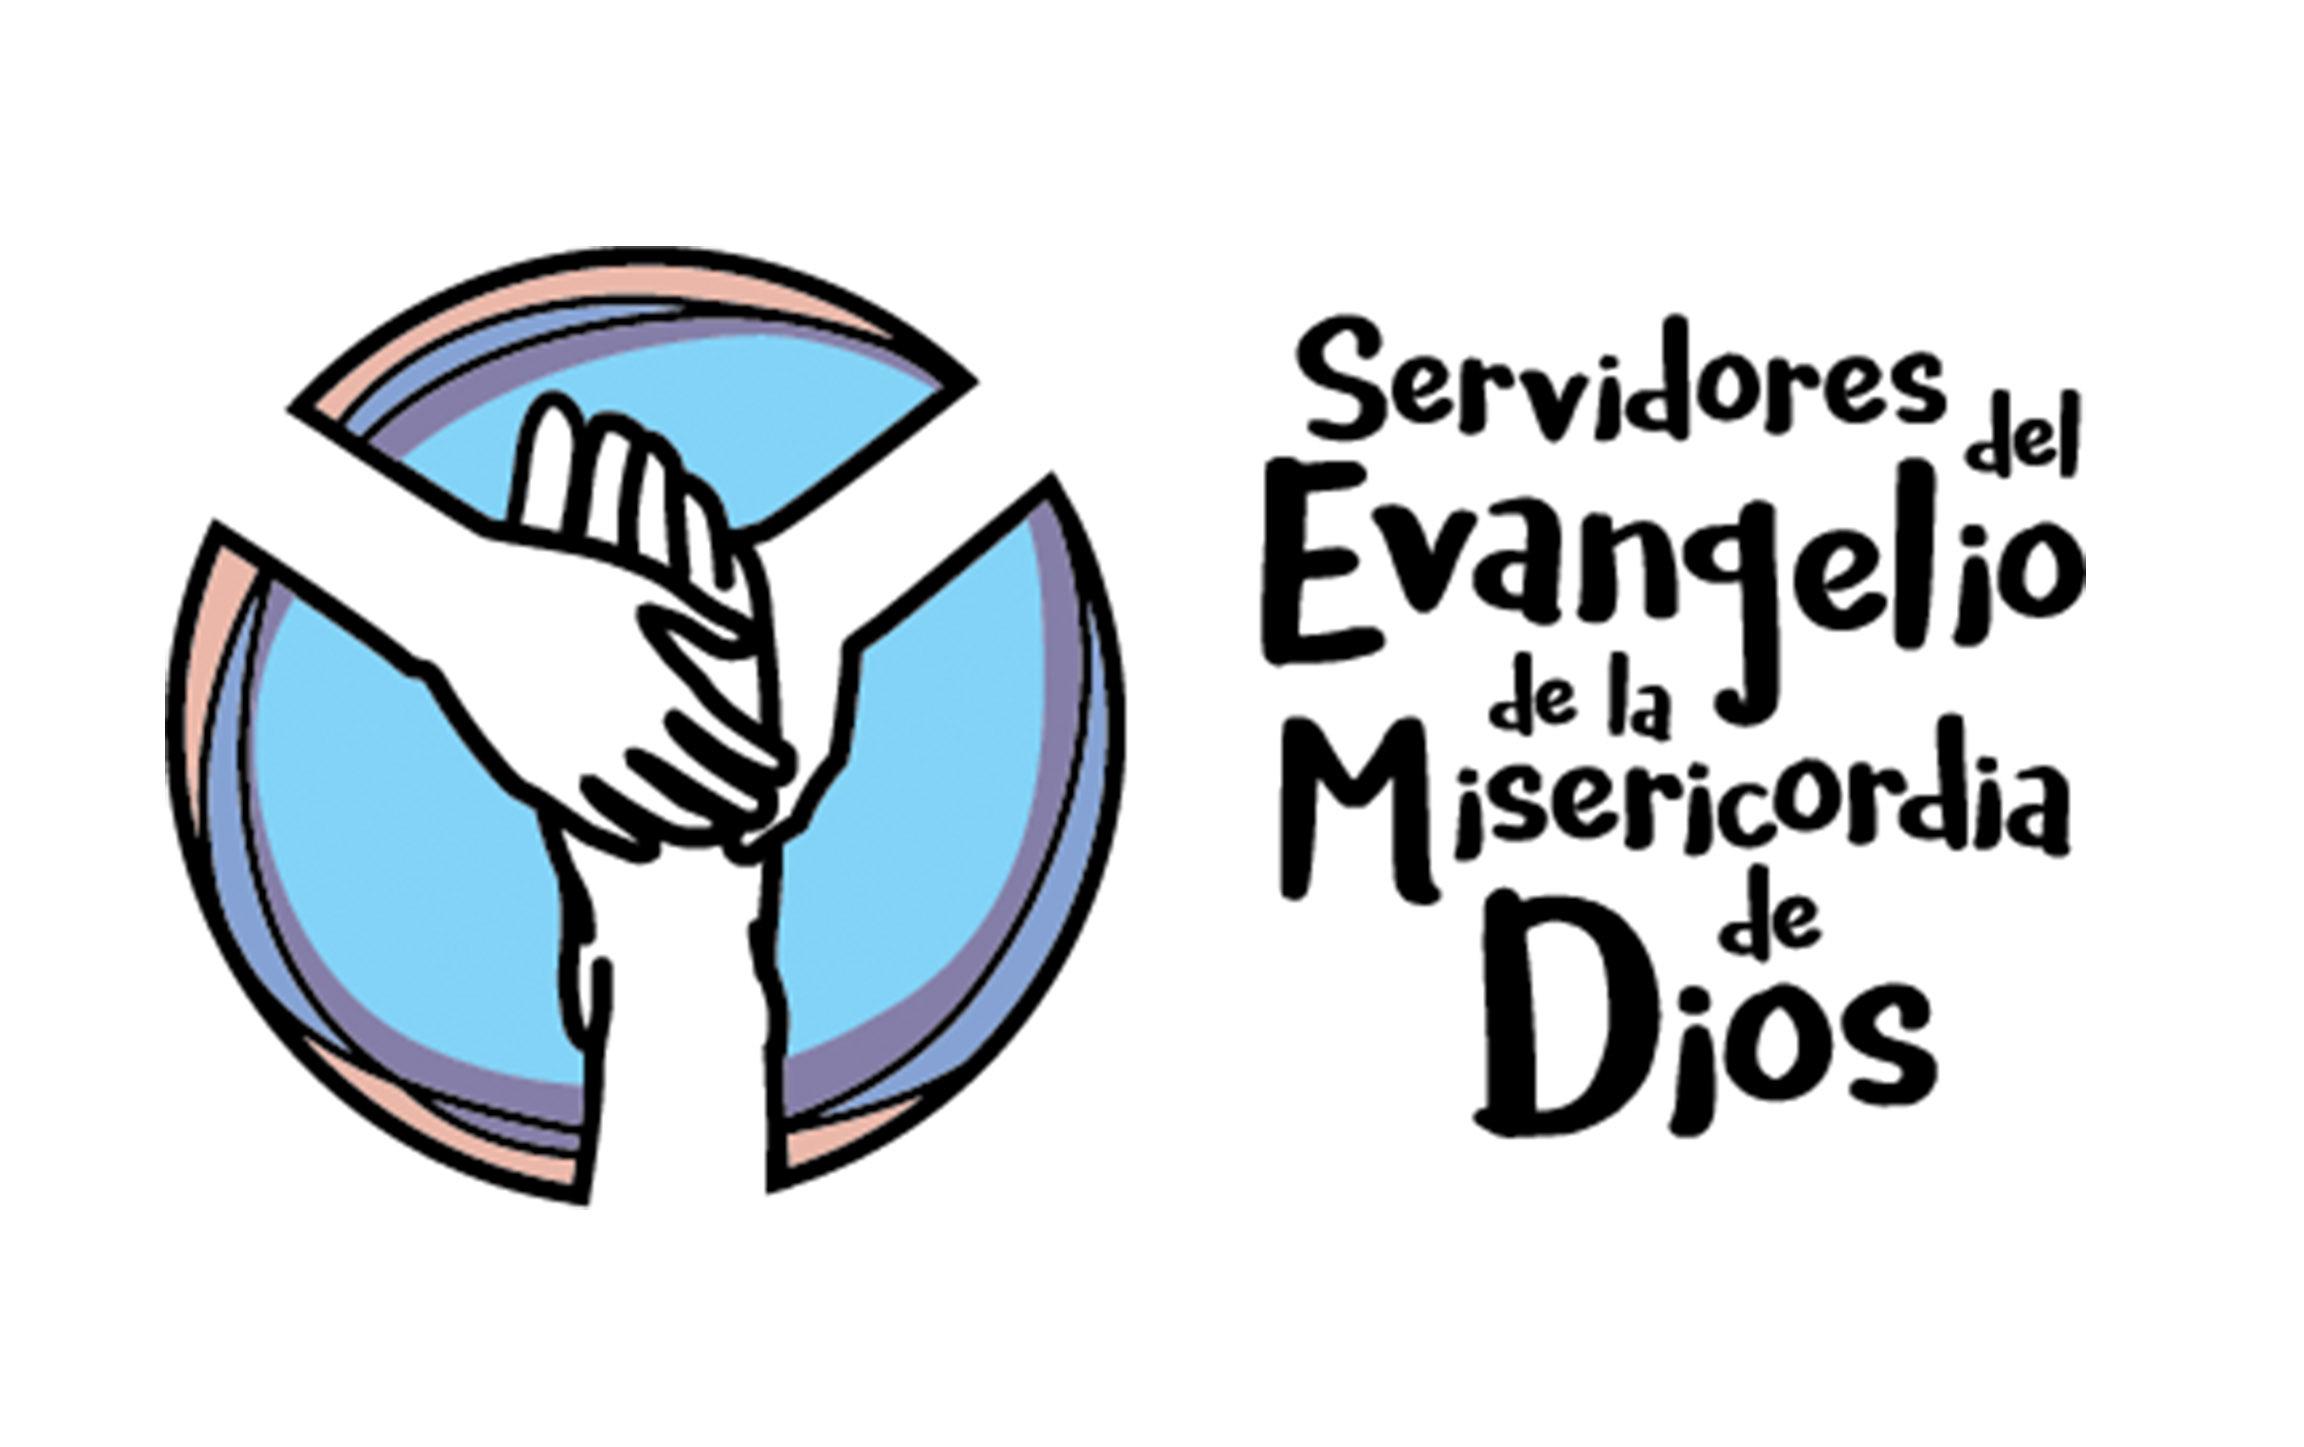 Logo Servidores del Evangelio de la Misericordia de Dios